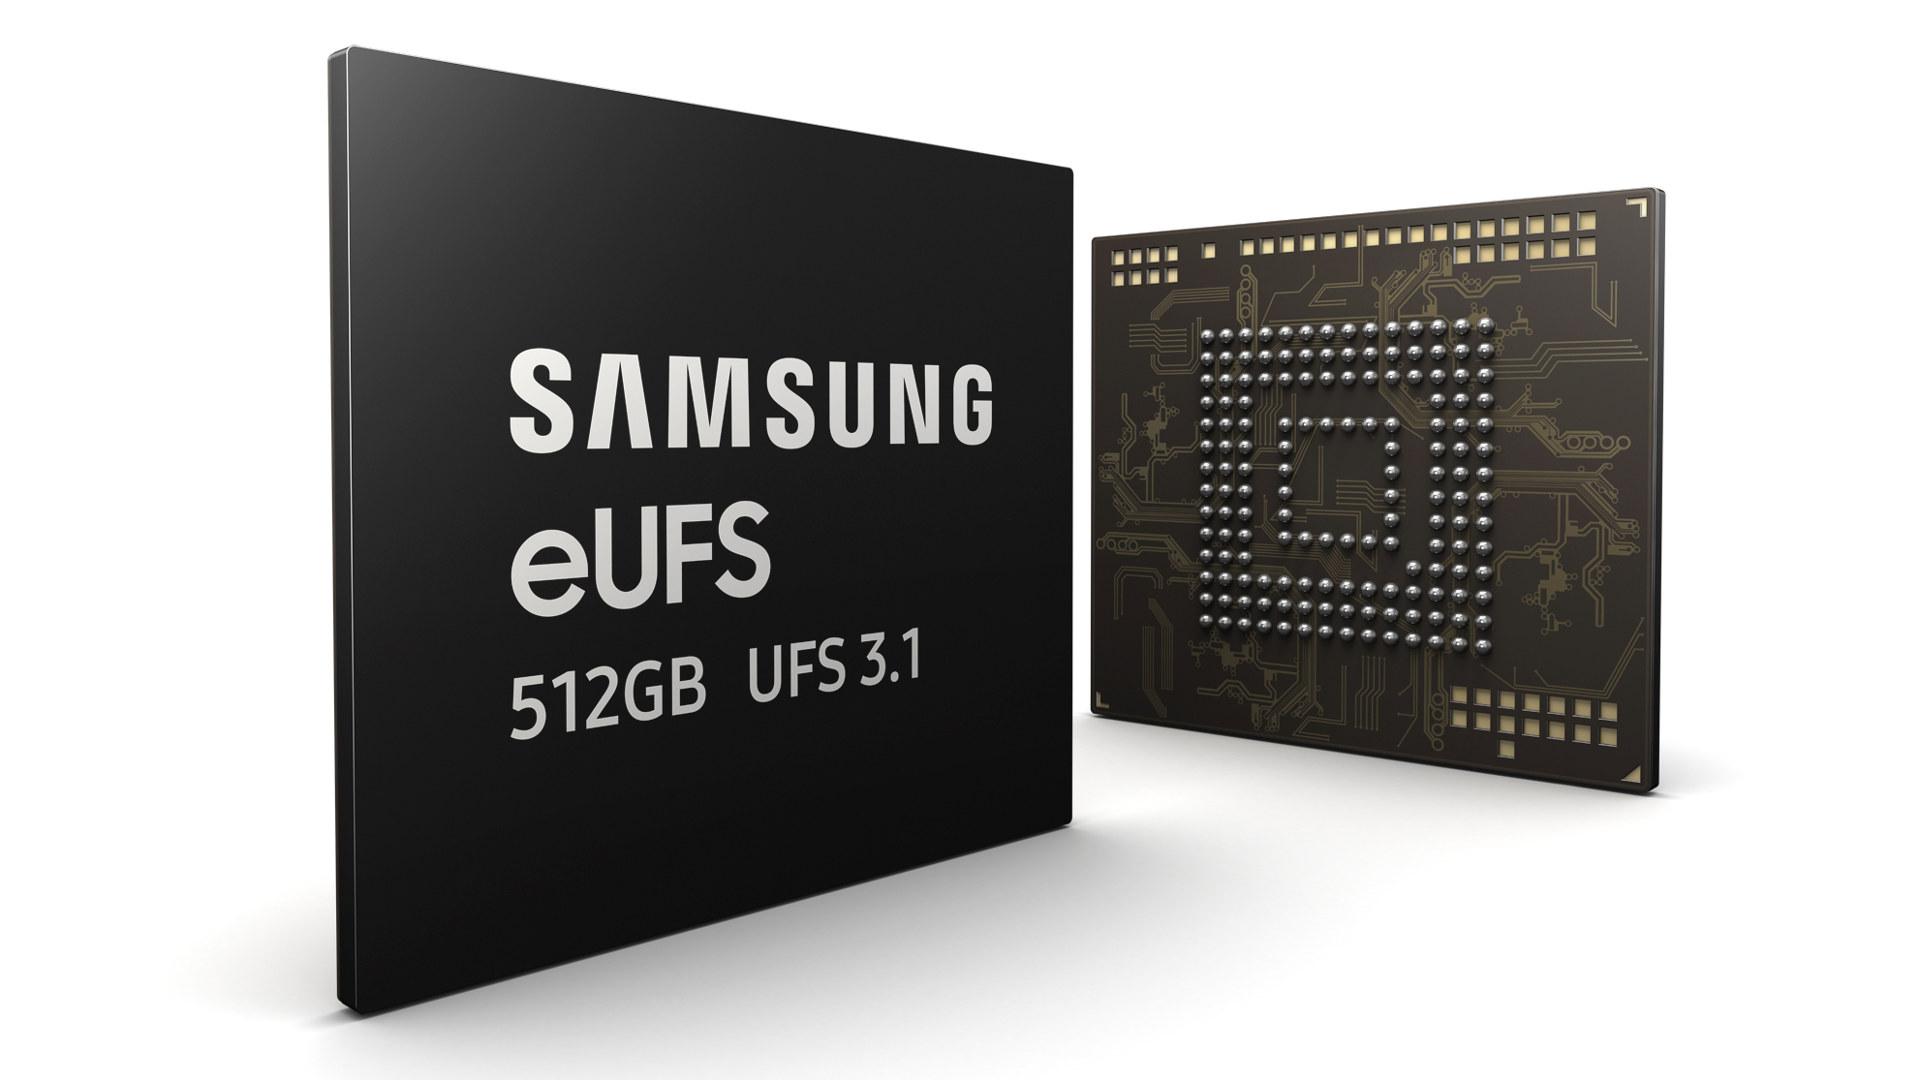 Samsung ufs 3.1